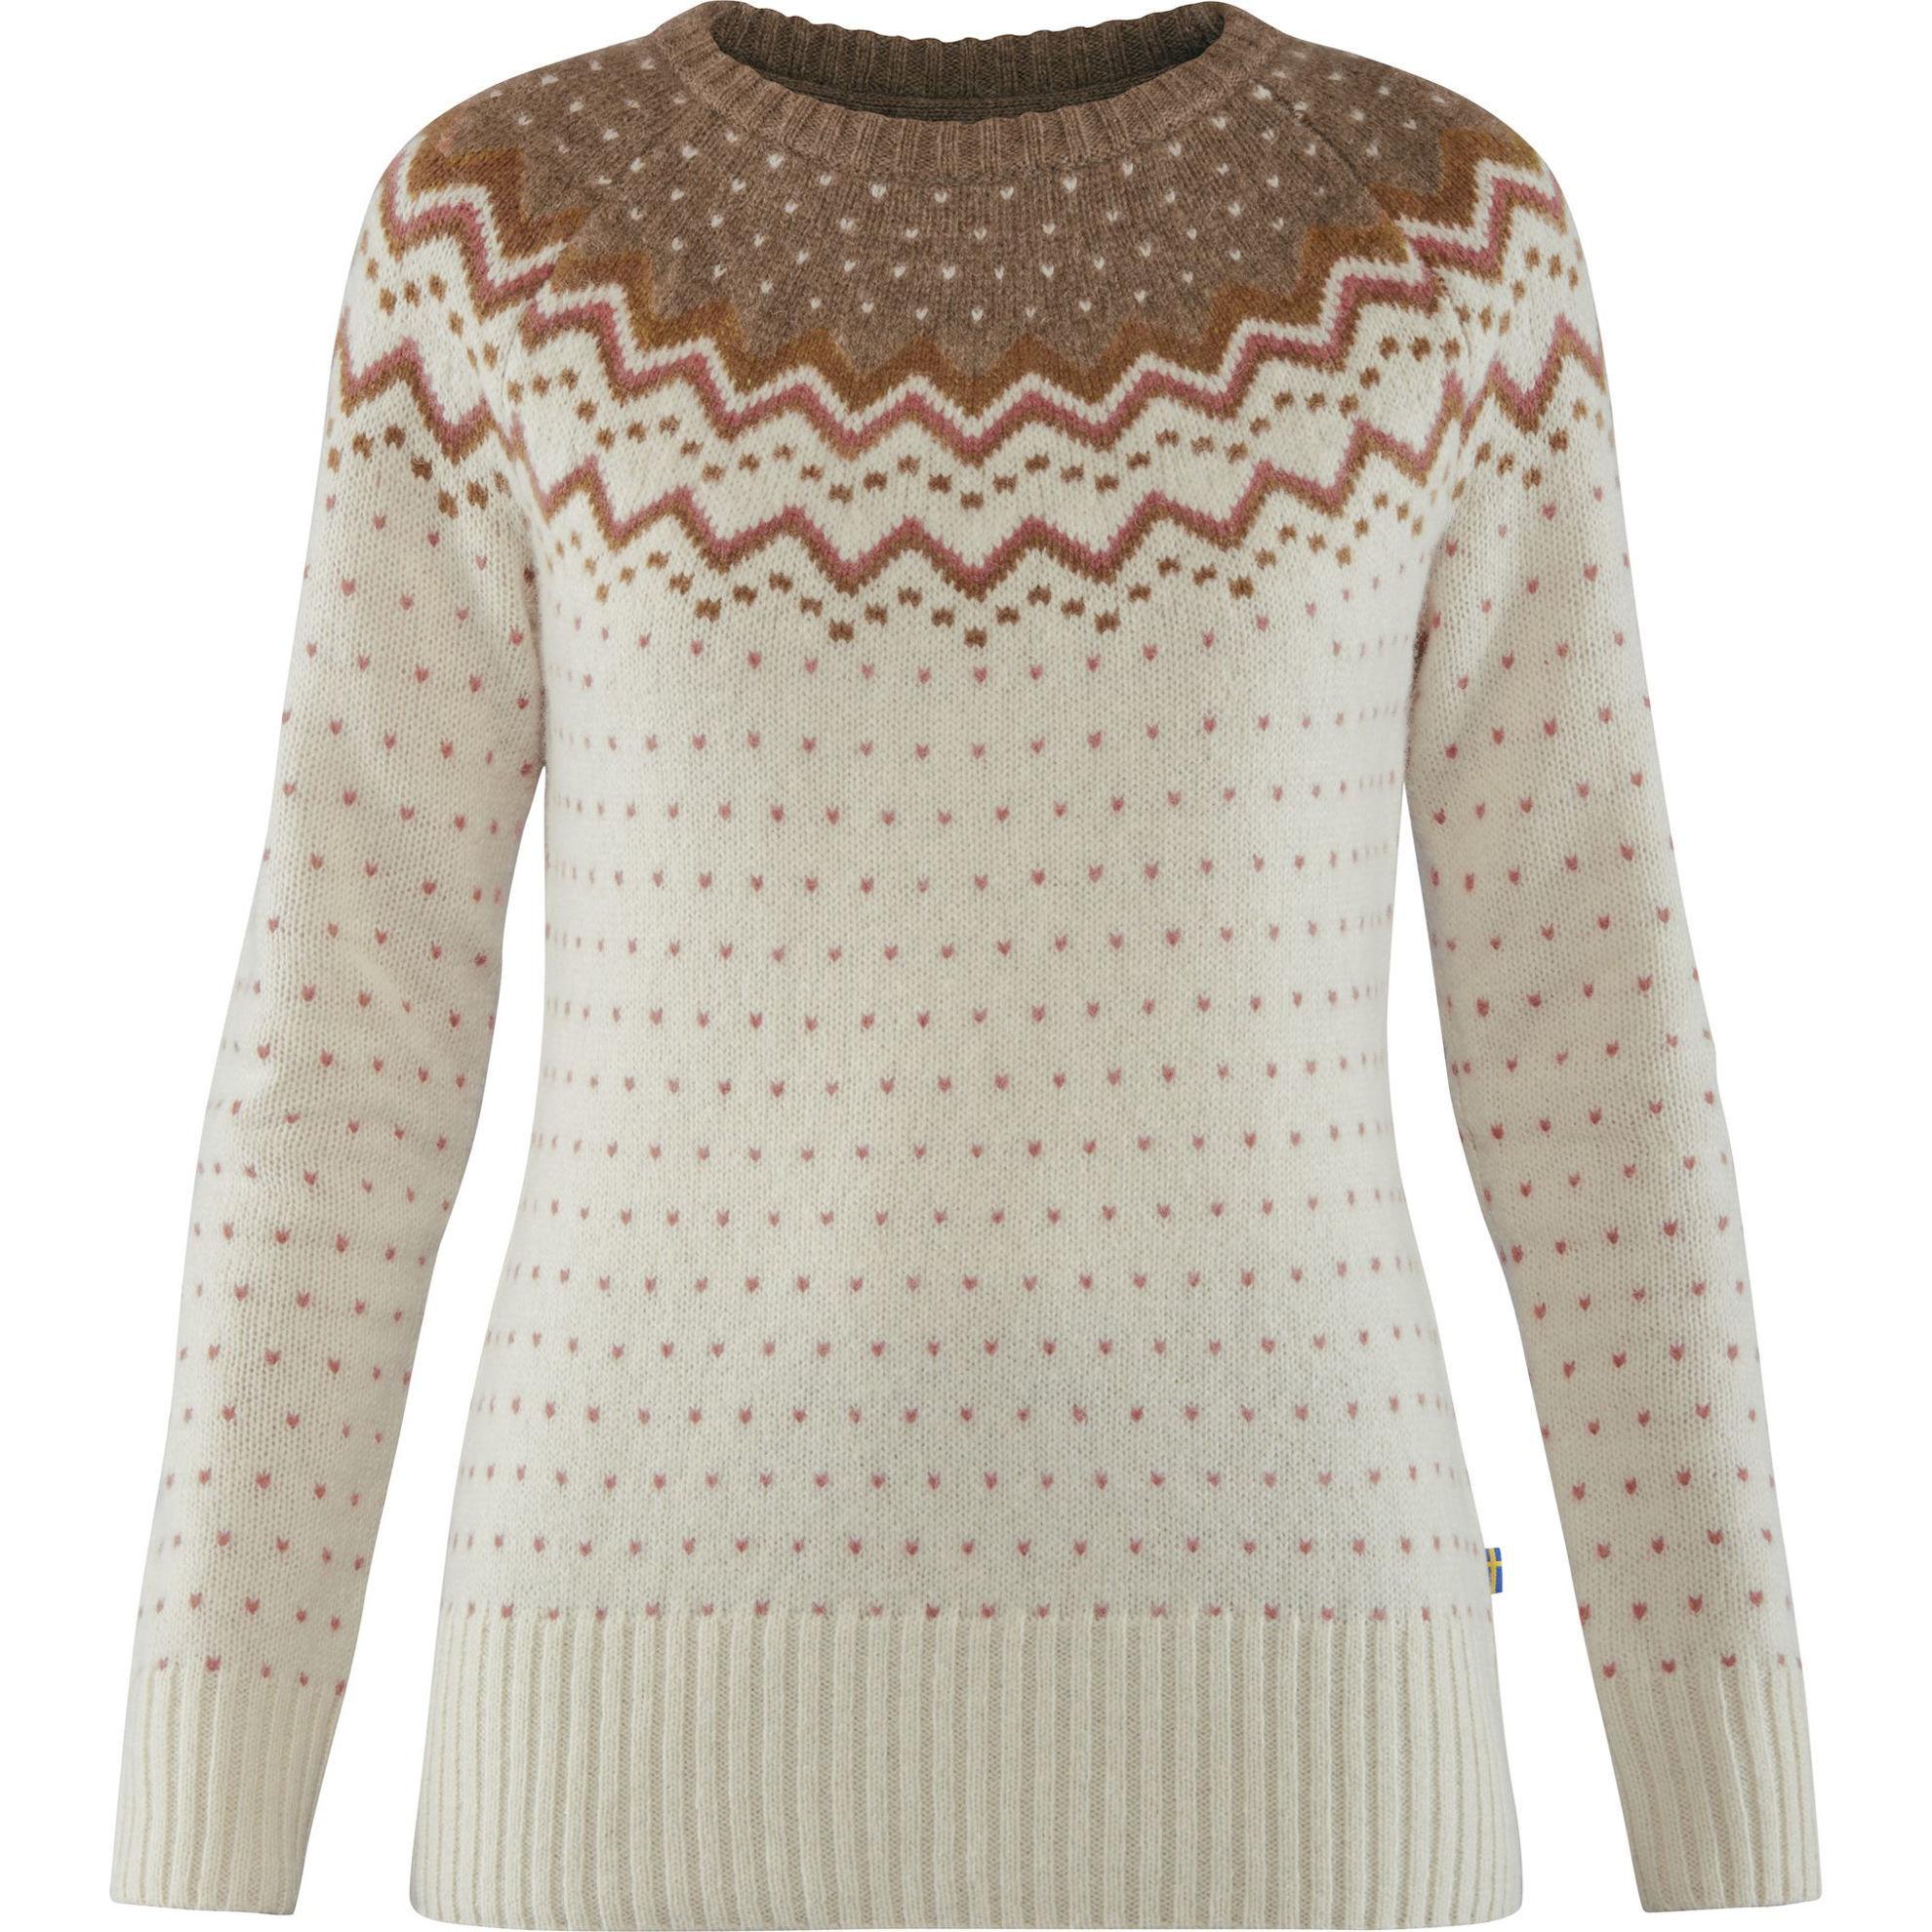 Bilde av Övik Knit Sweater W